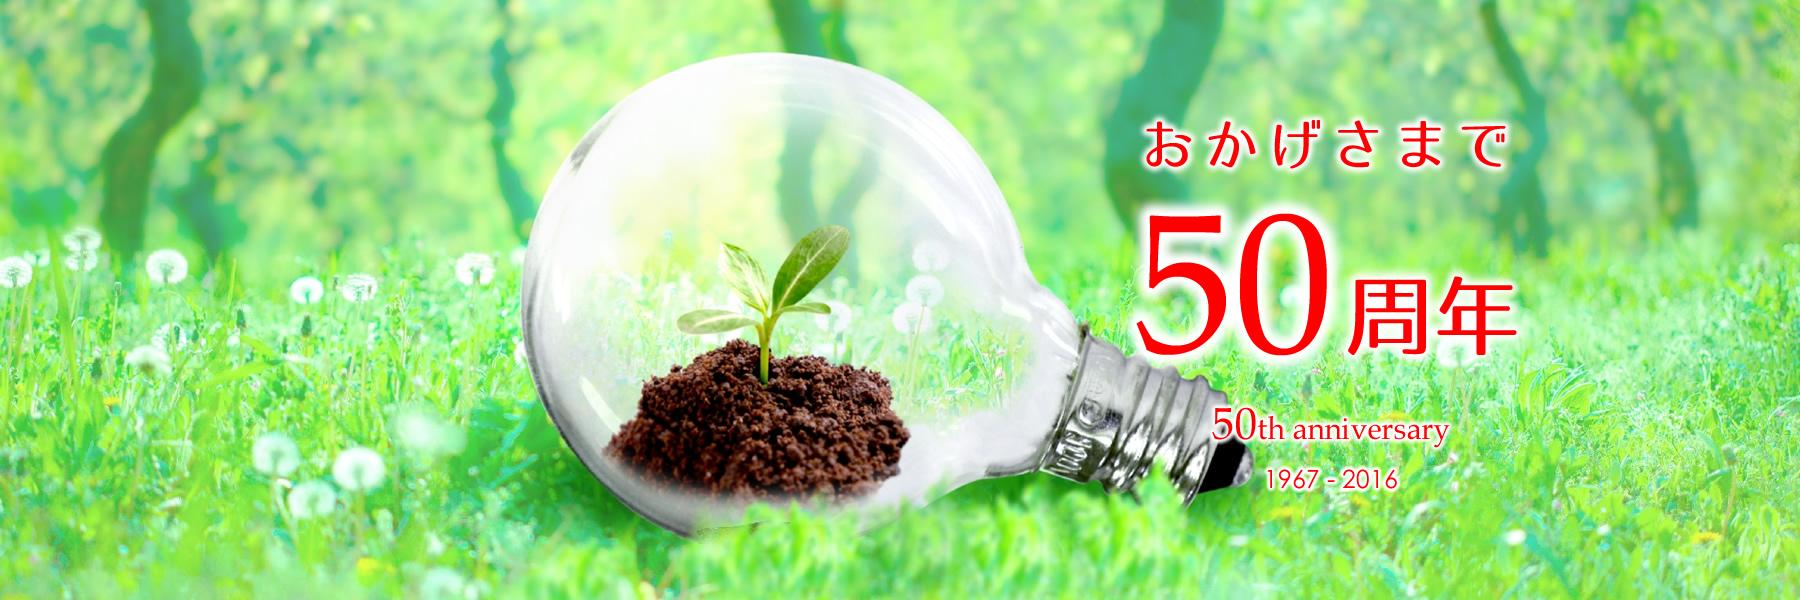 株式会社シグマ 50周年